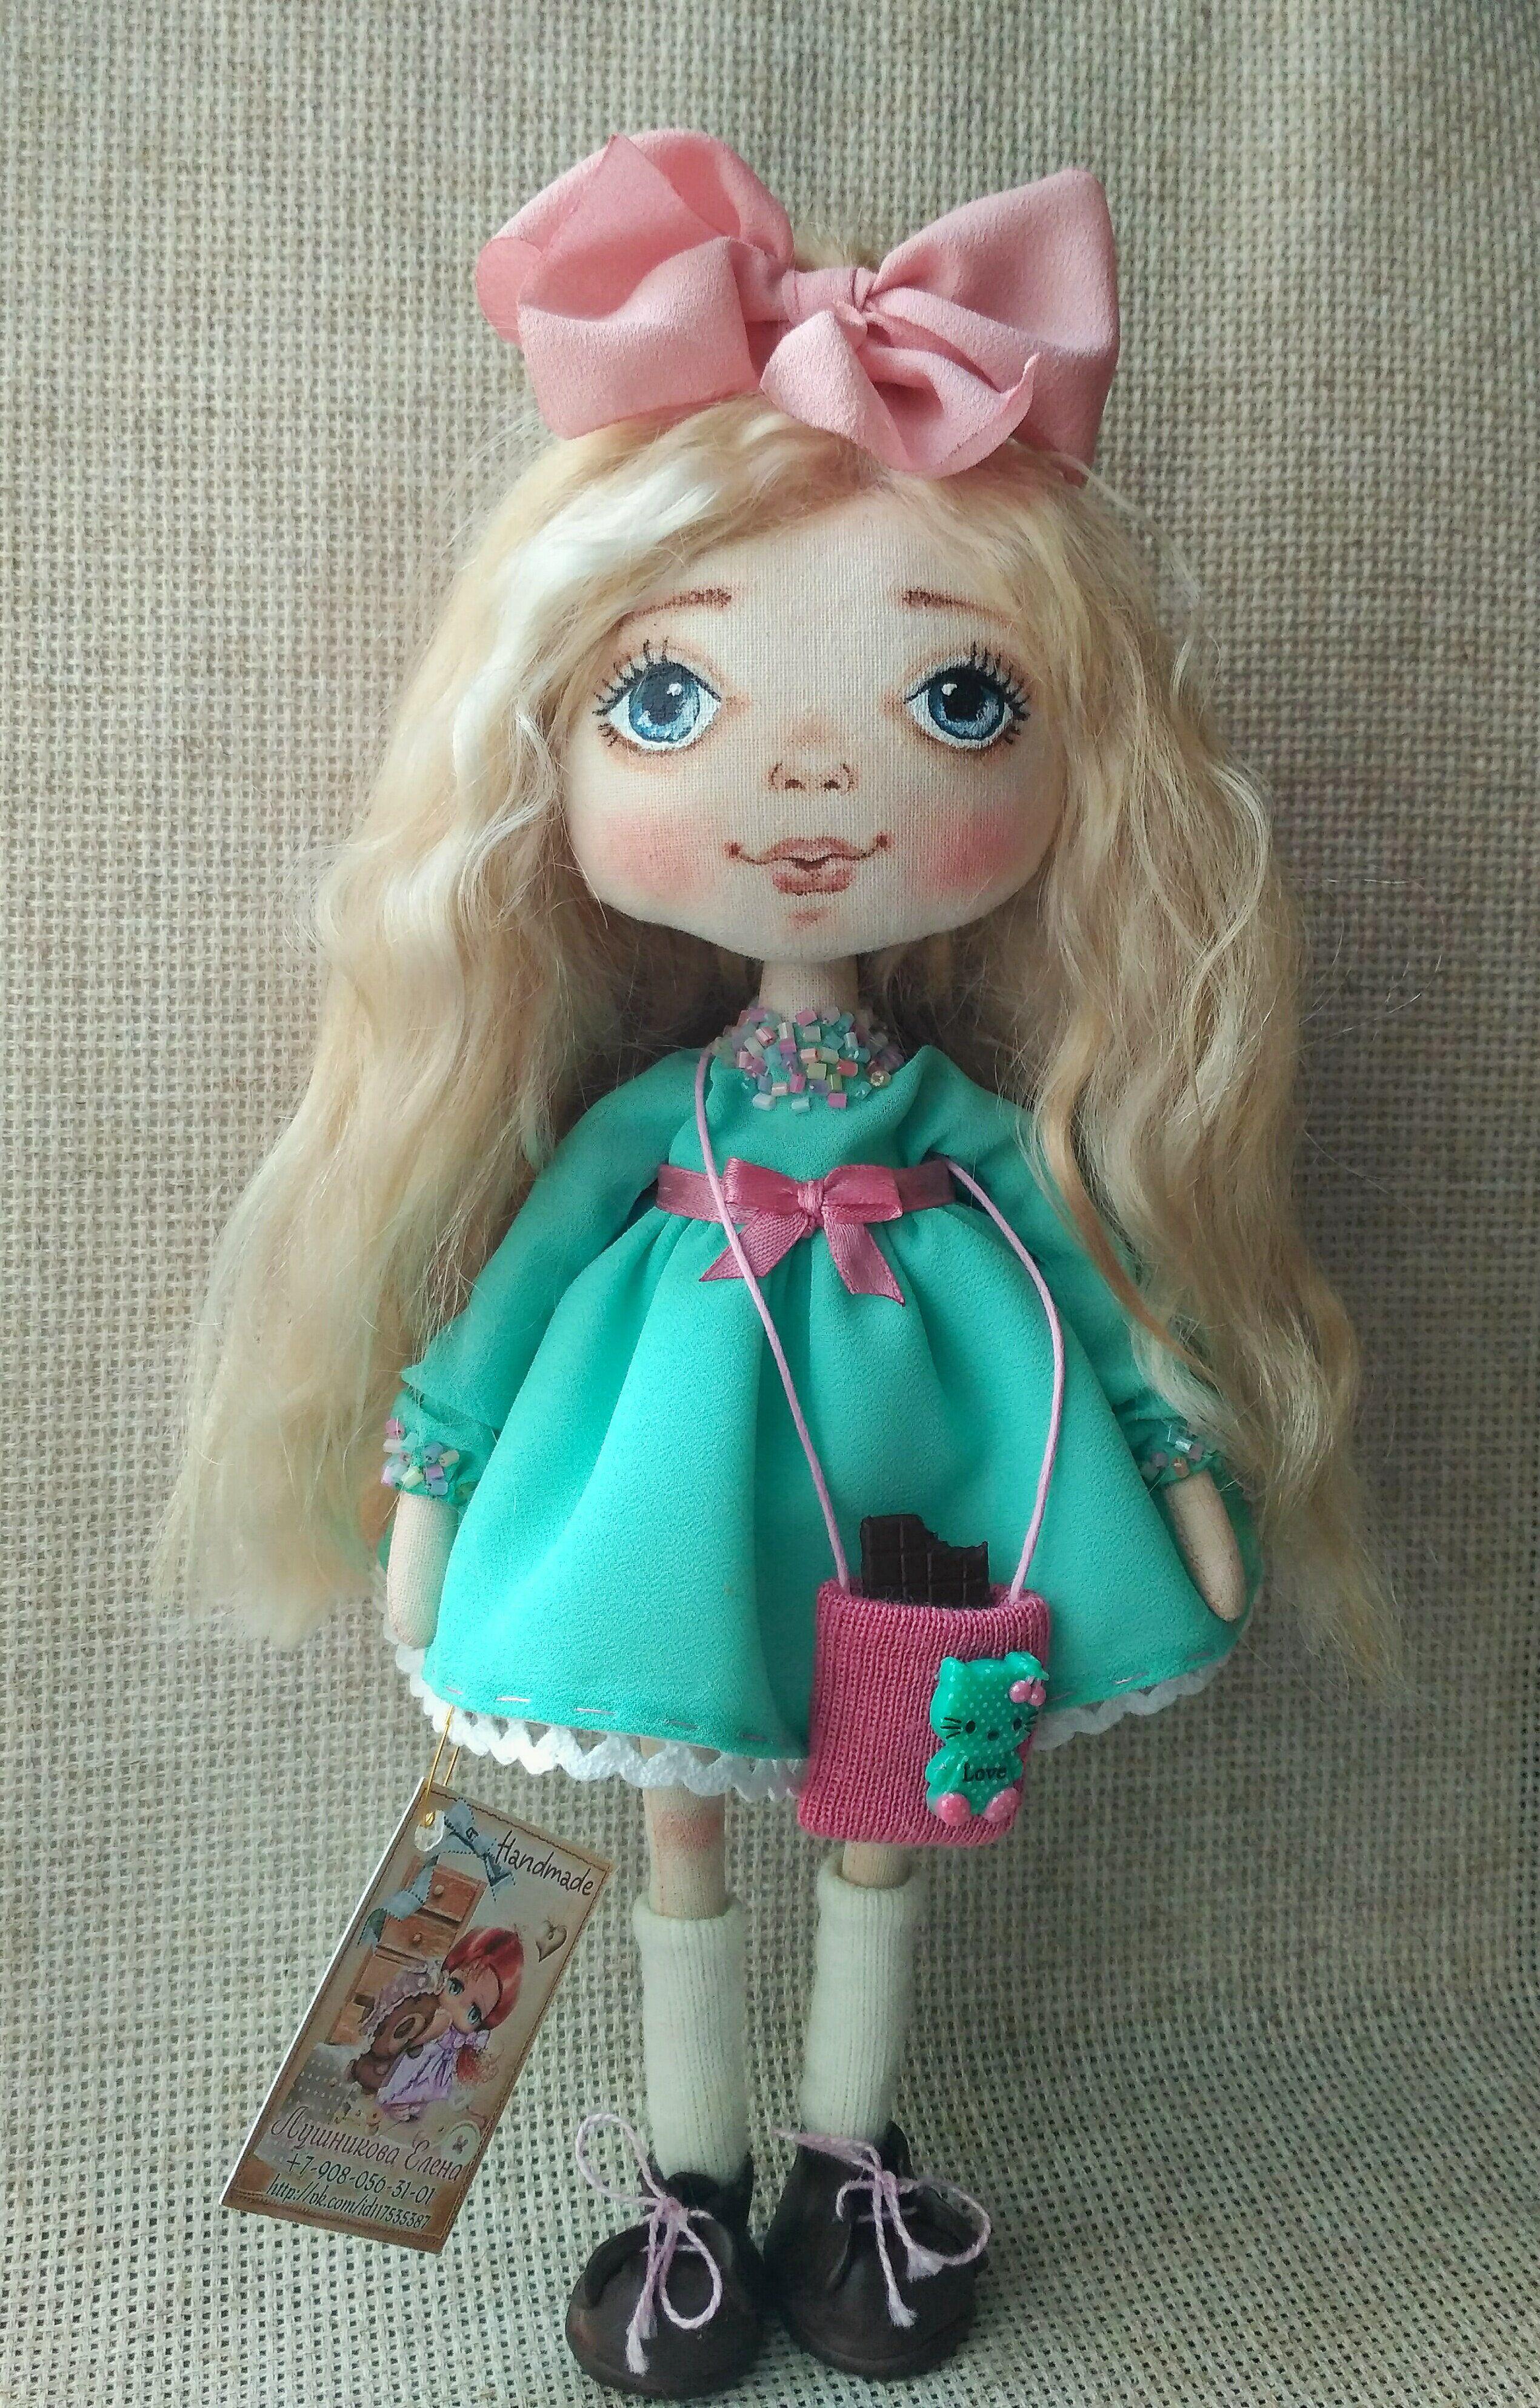 интерьерная кукла работа ручная подарки текстильная